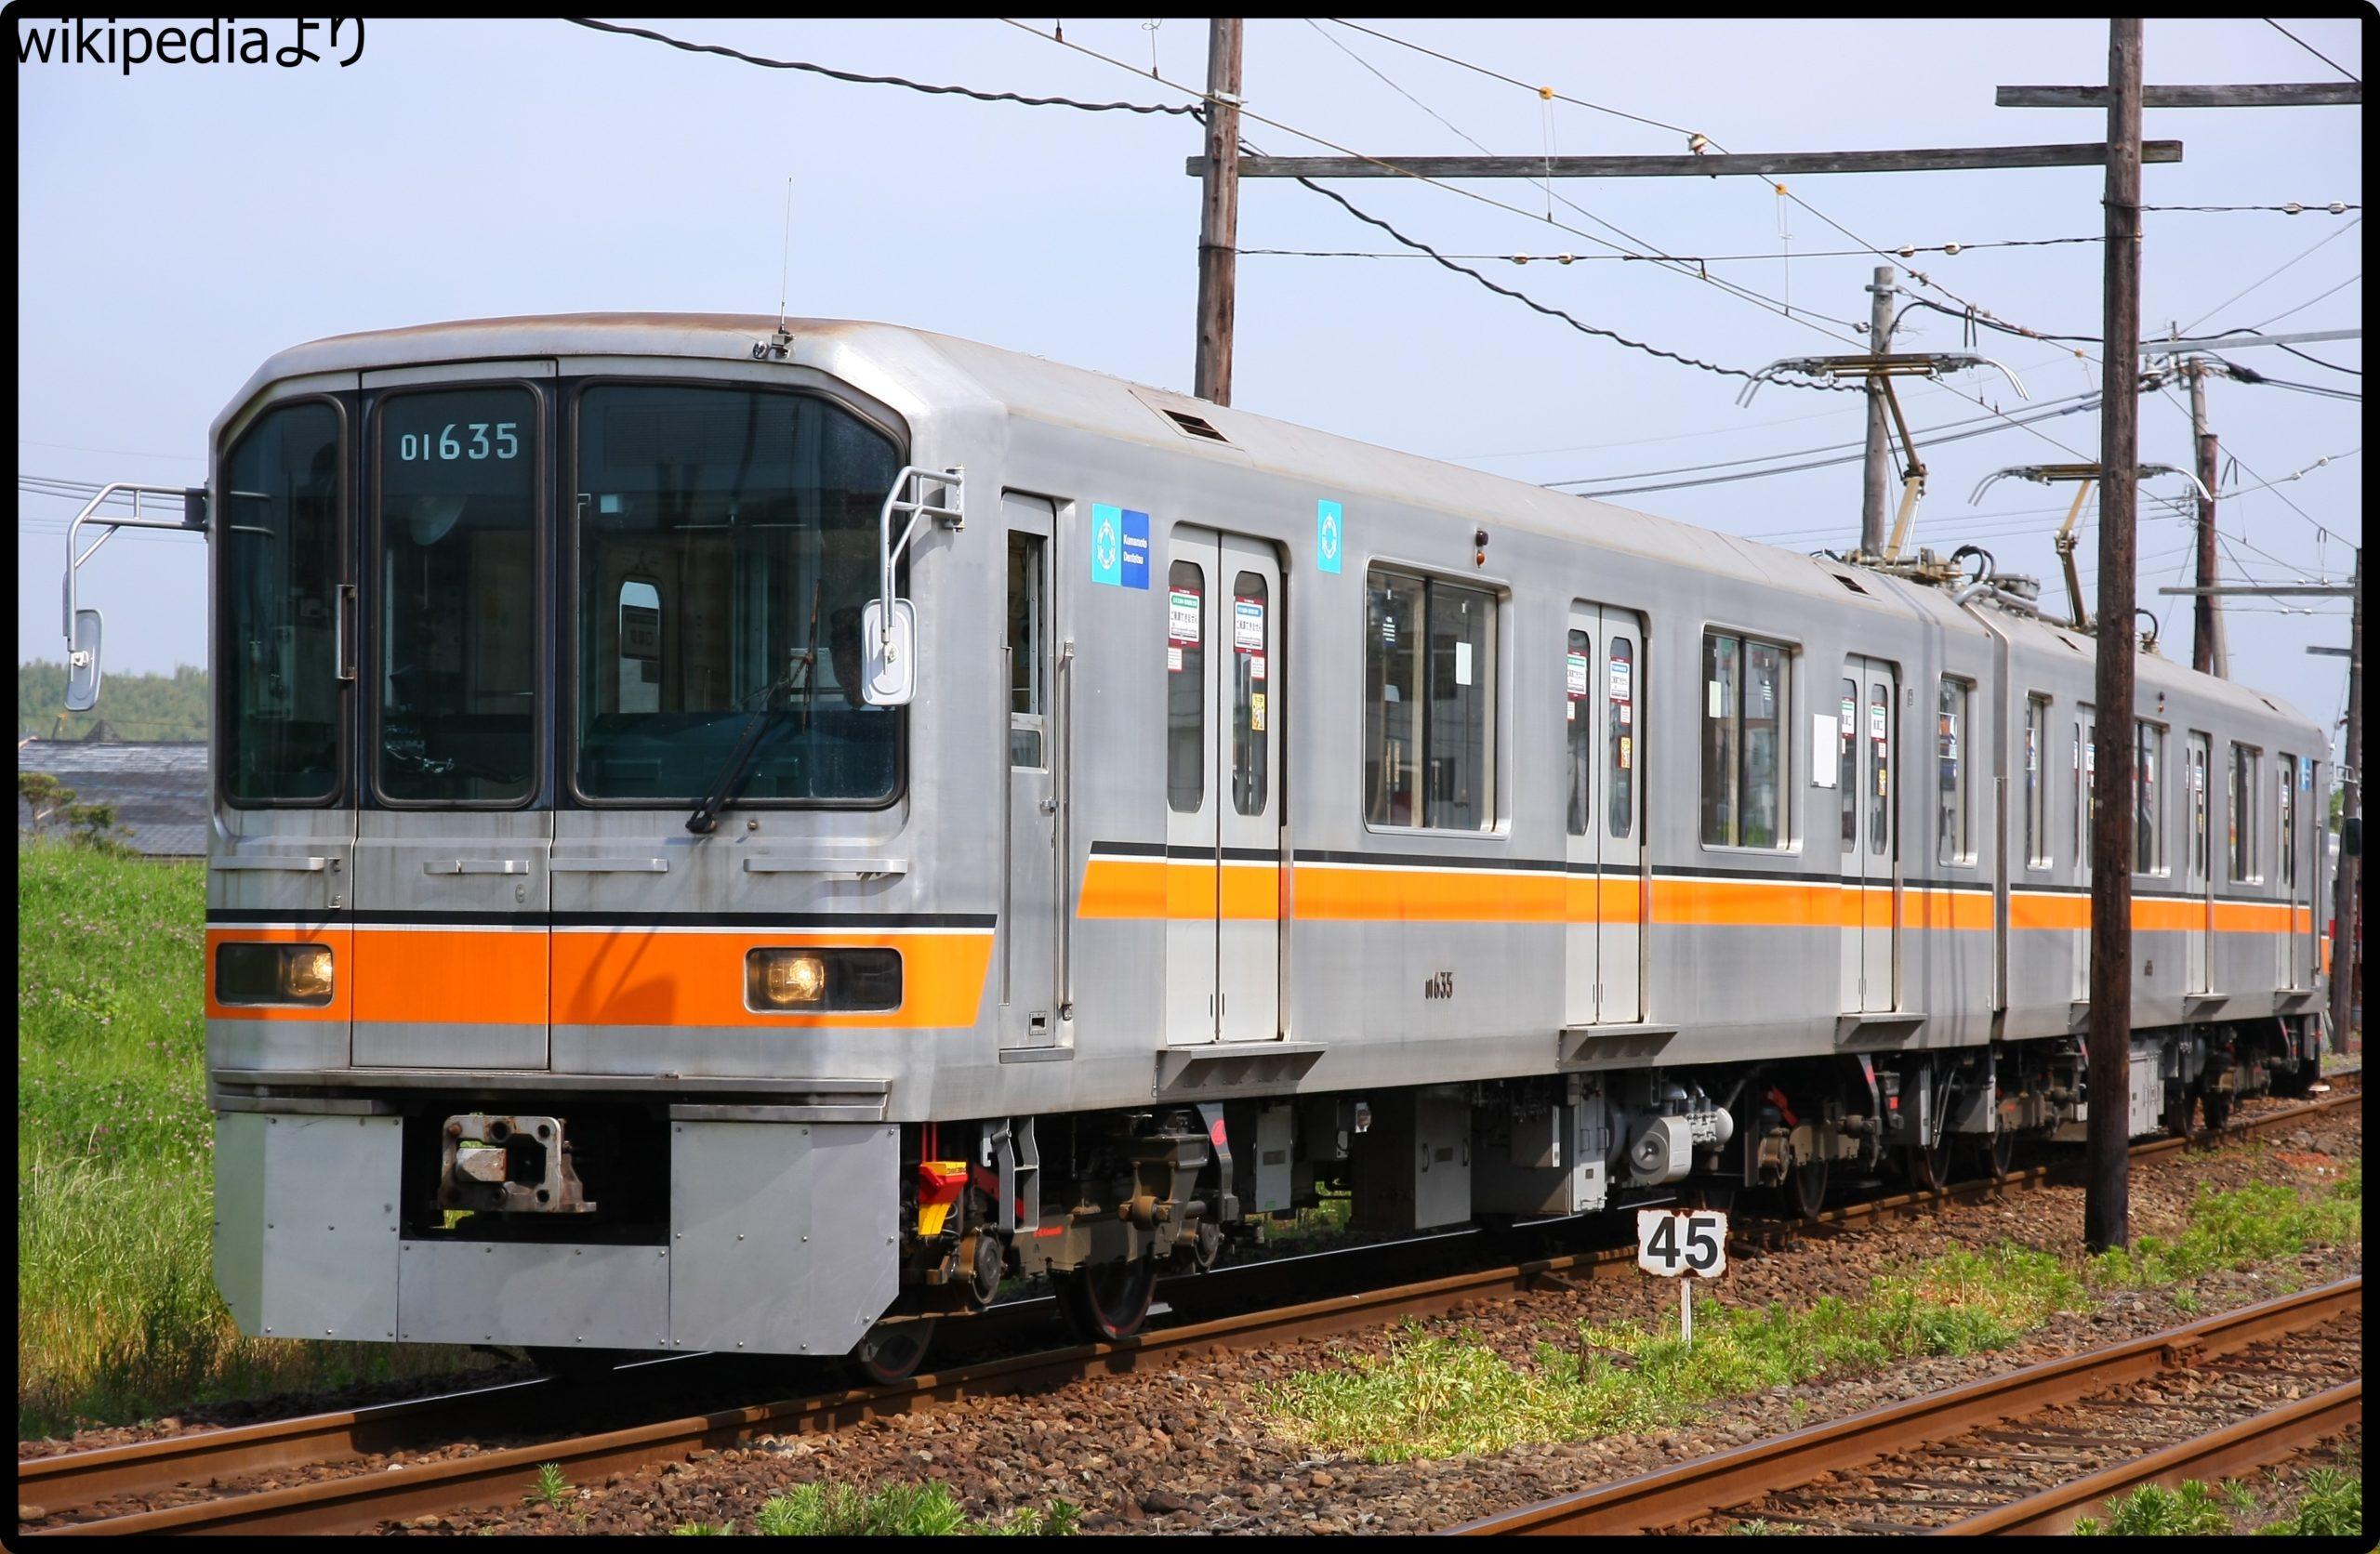 【駅に閉じ込め・危うく駅で野宿】一体なぜ・原因は?熊本電鉄が謝罪・再発防止に取り組むと発表